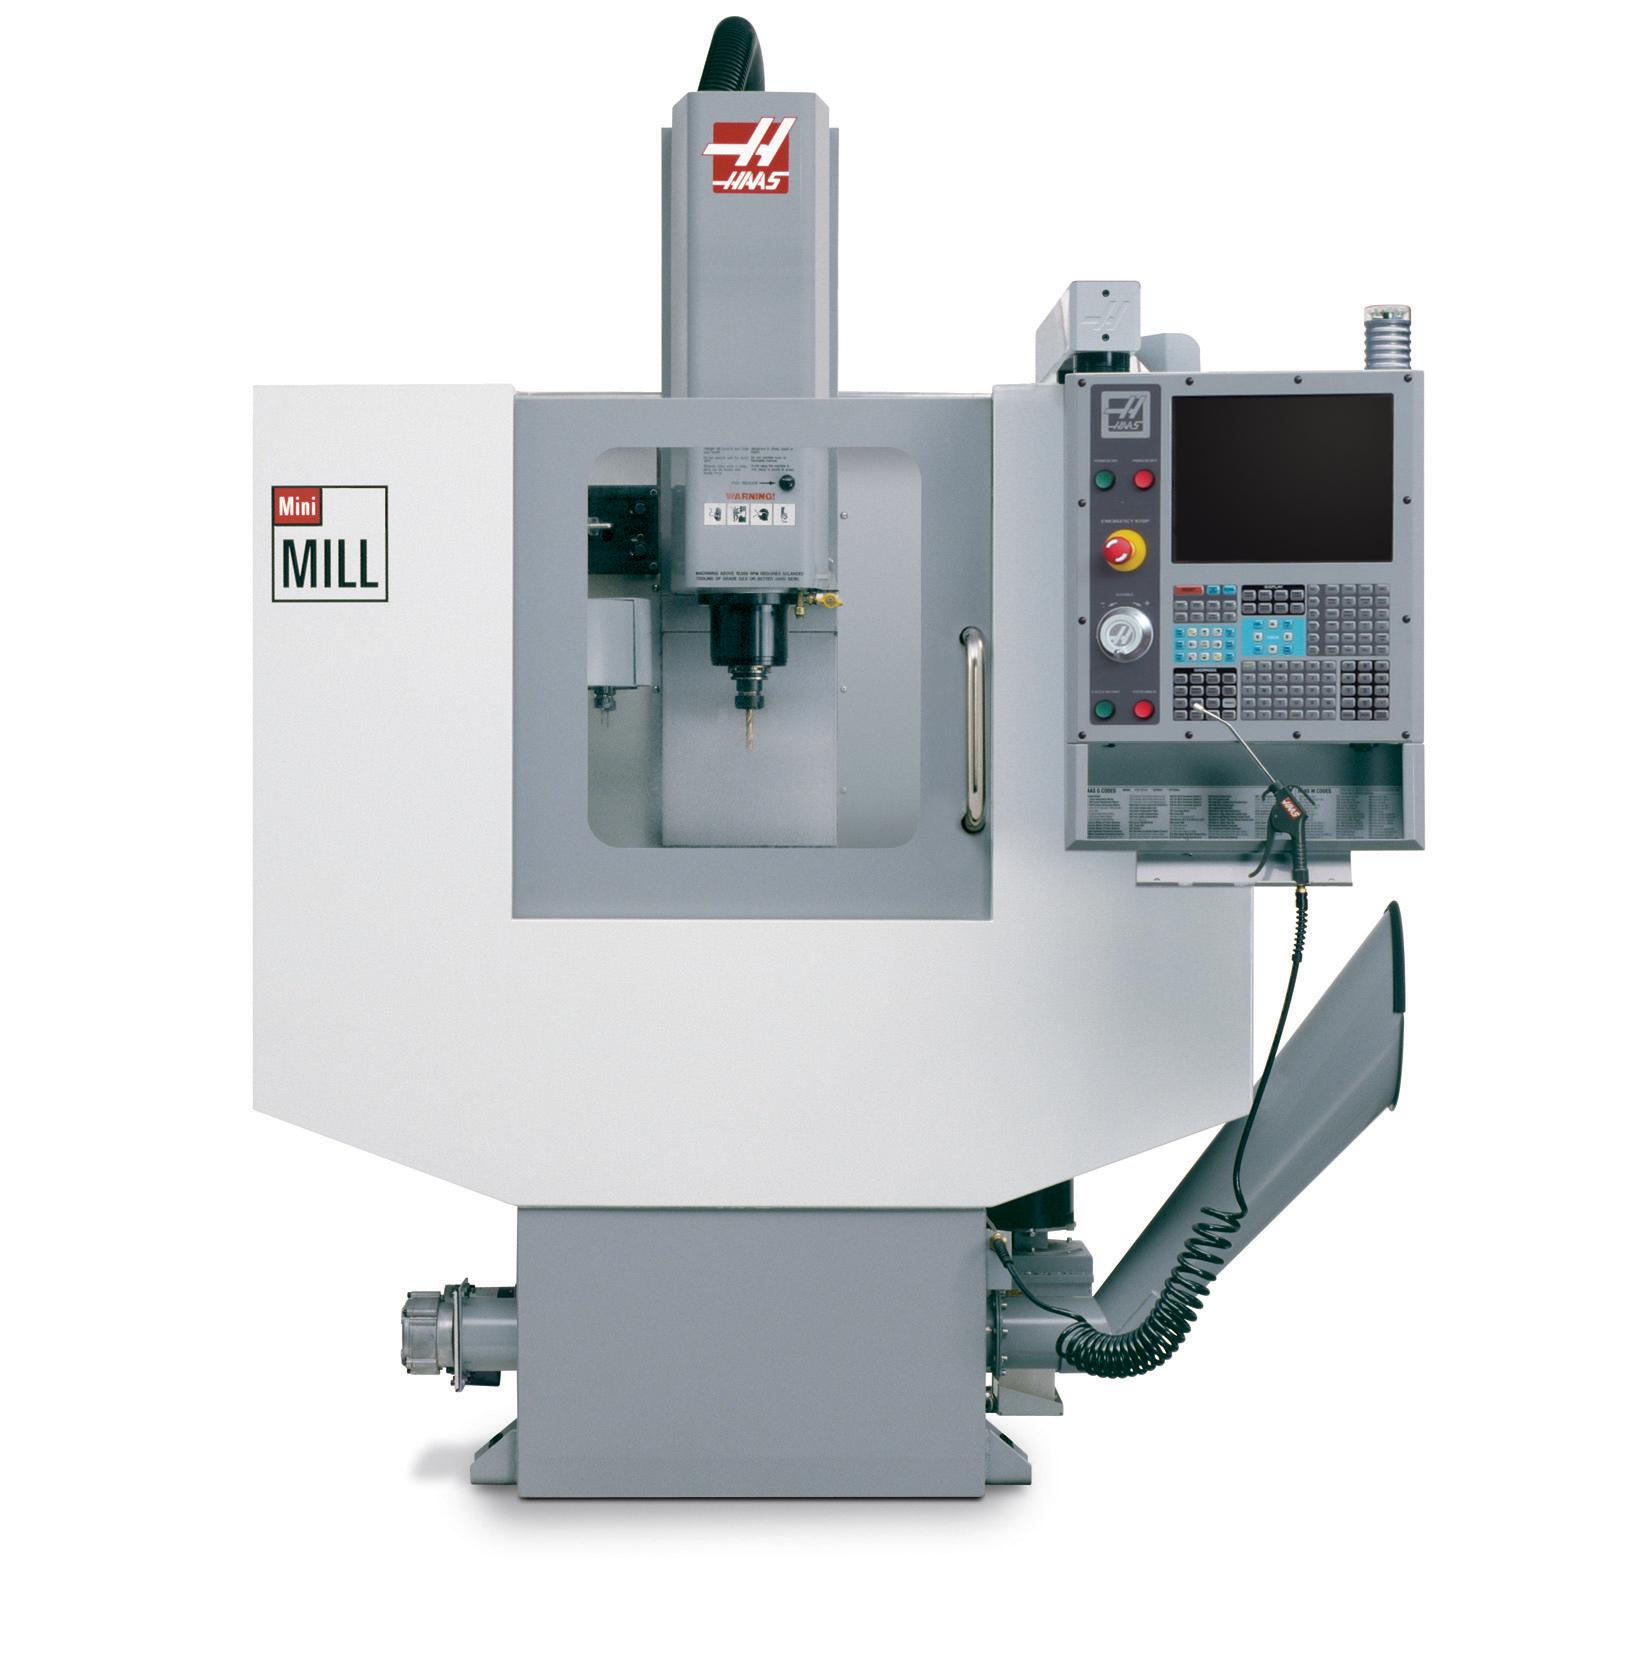 Haas MiniMill CNC